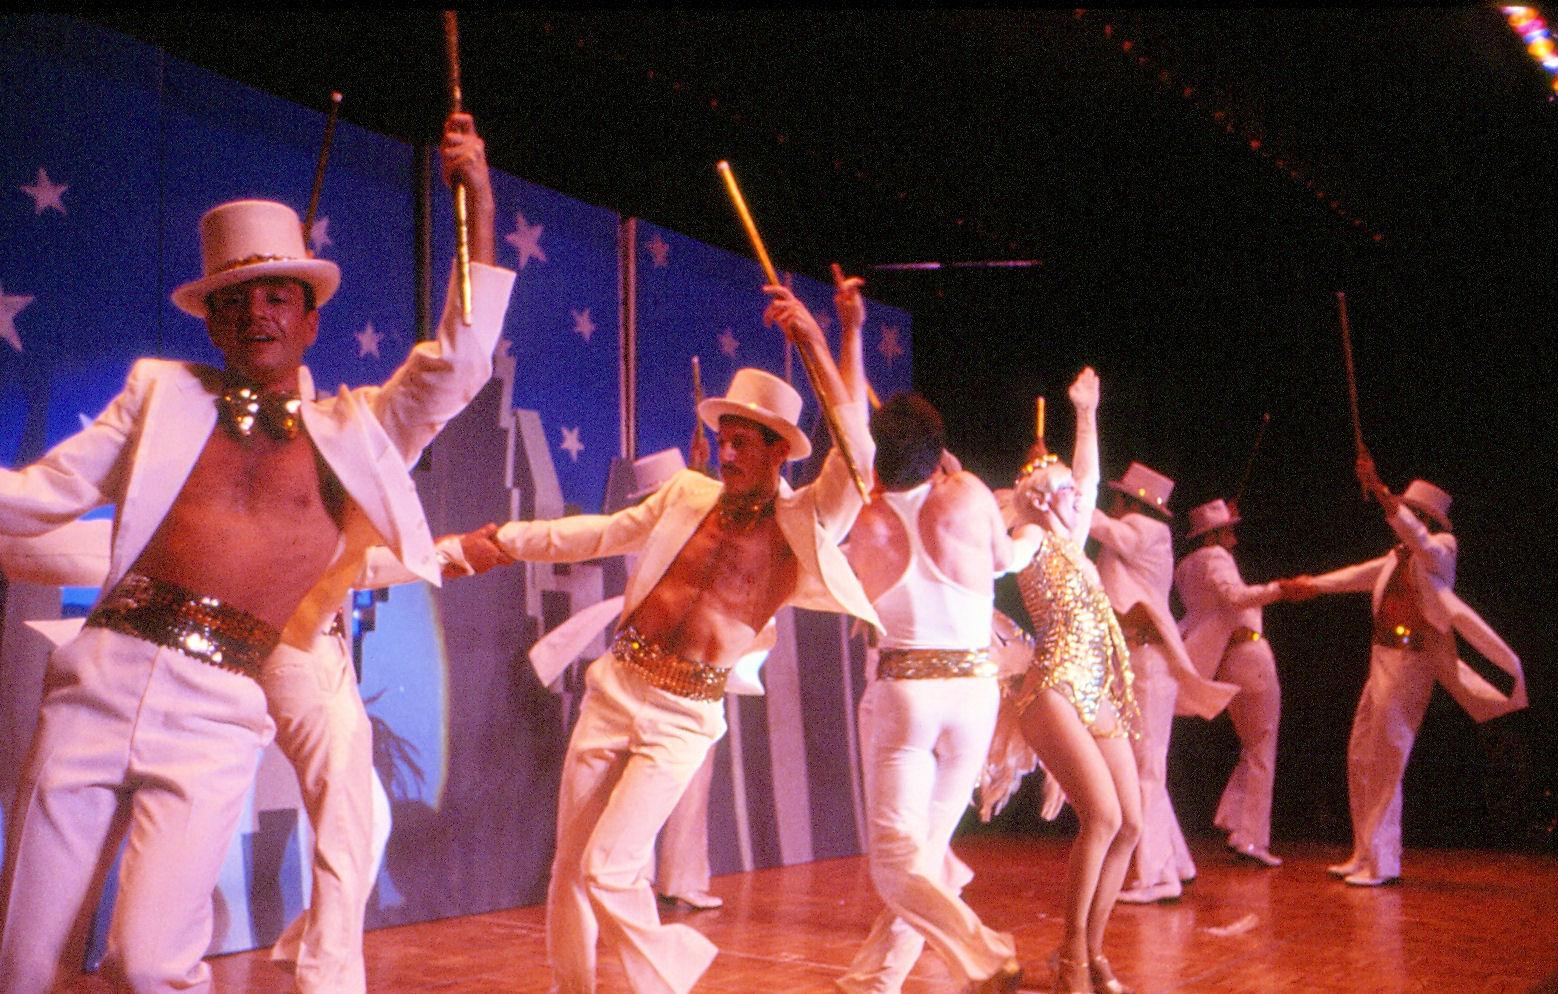 Dianas 4 - 1980's Photos 01 - Chorus Line 1980.jpg